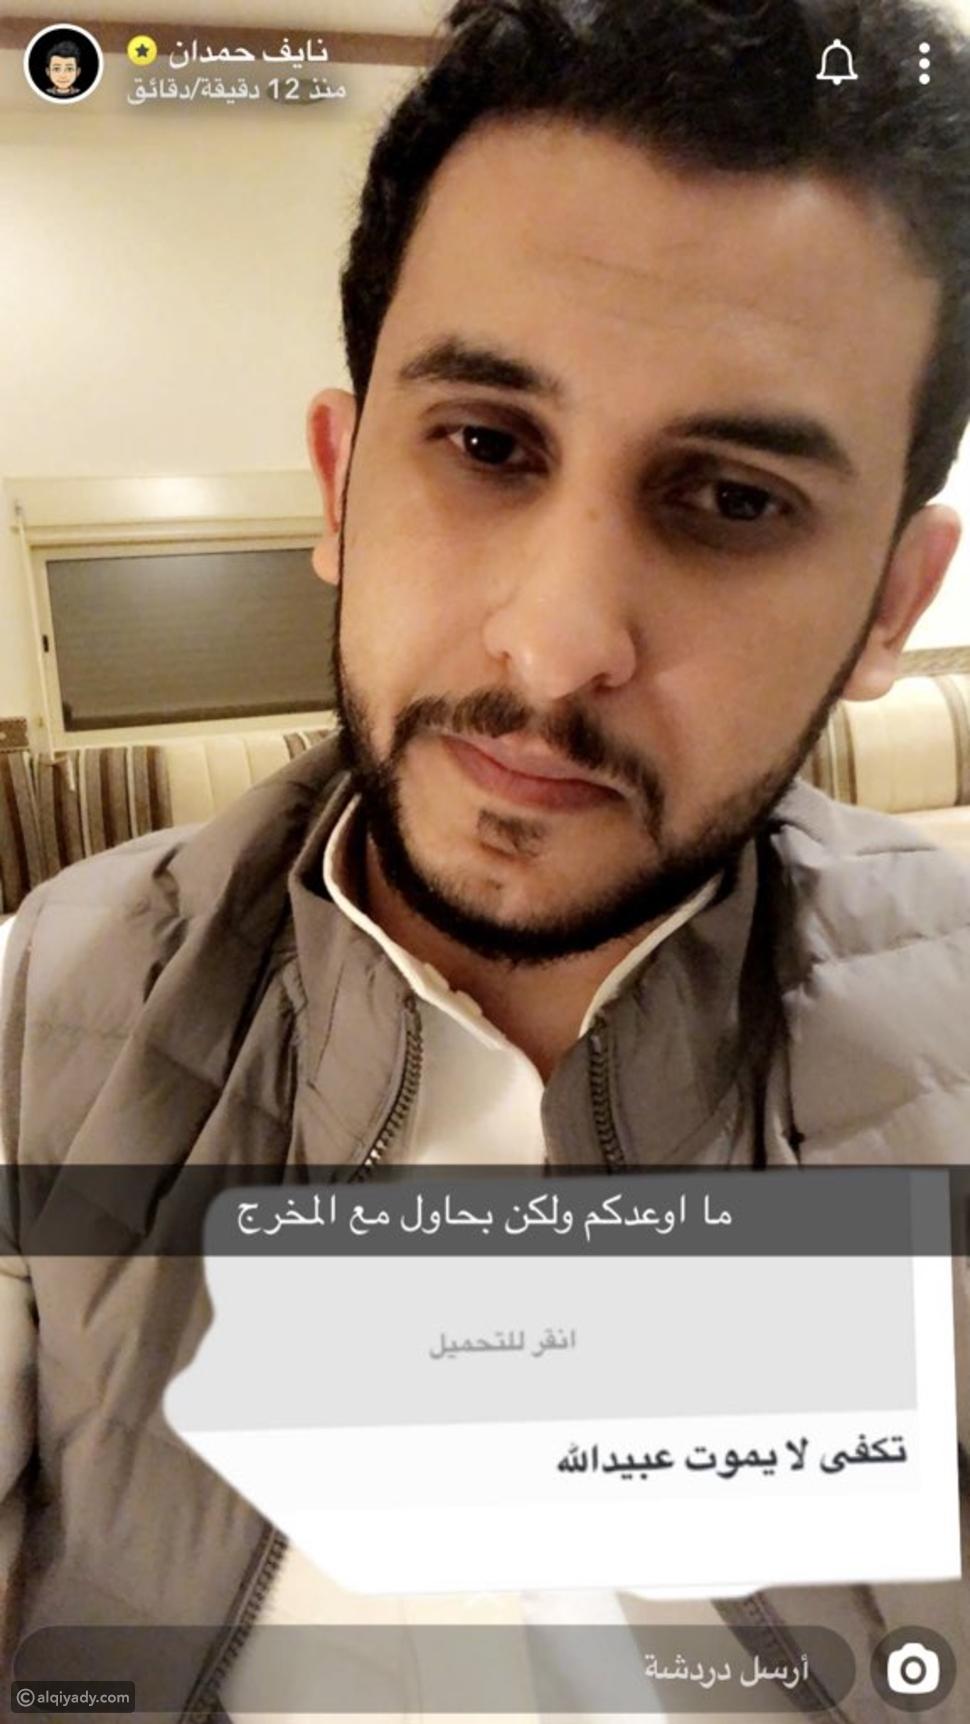 من هو نايف حمدان الذي تصدرت قصته الجديدة تويتر؟